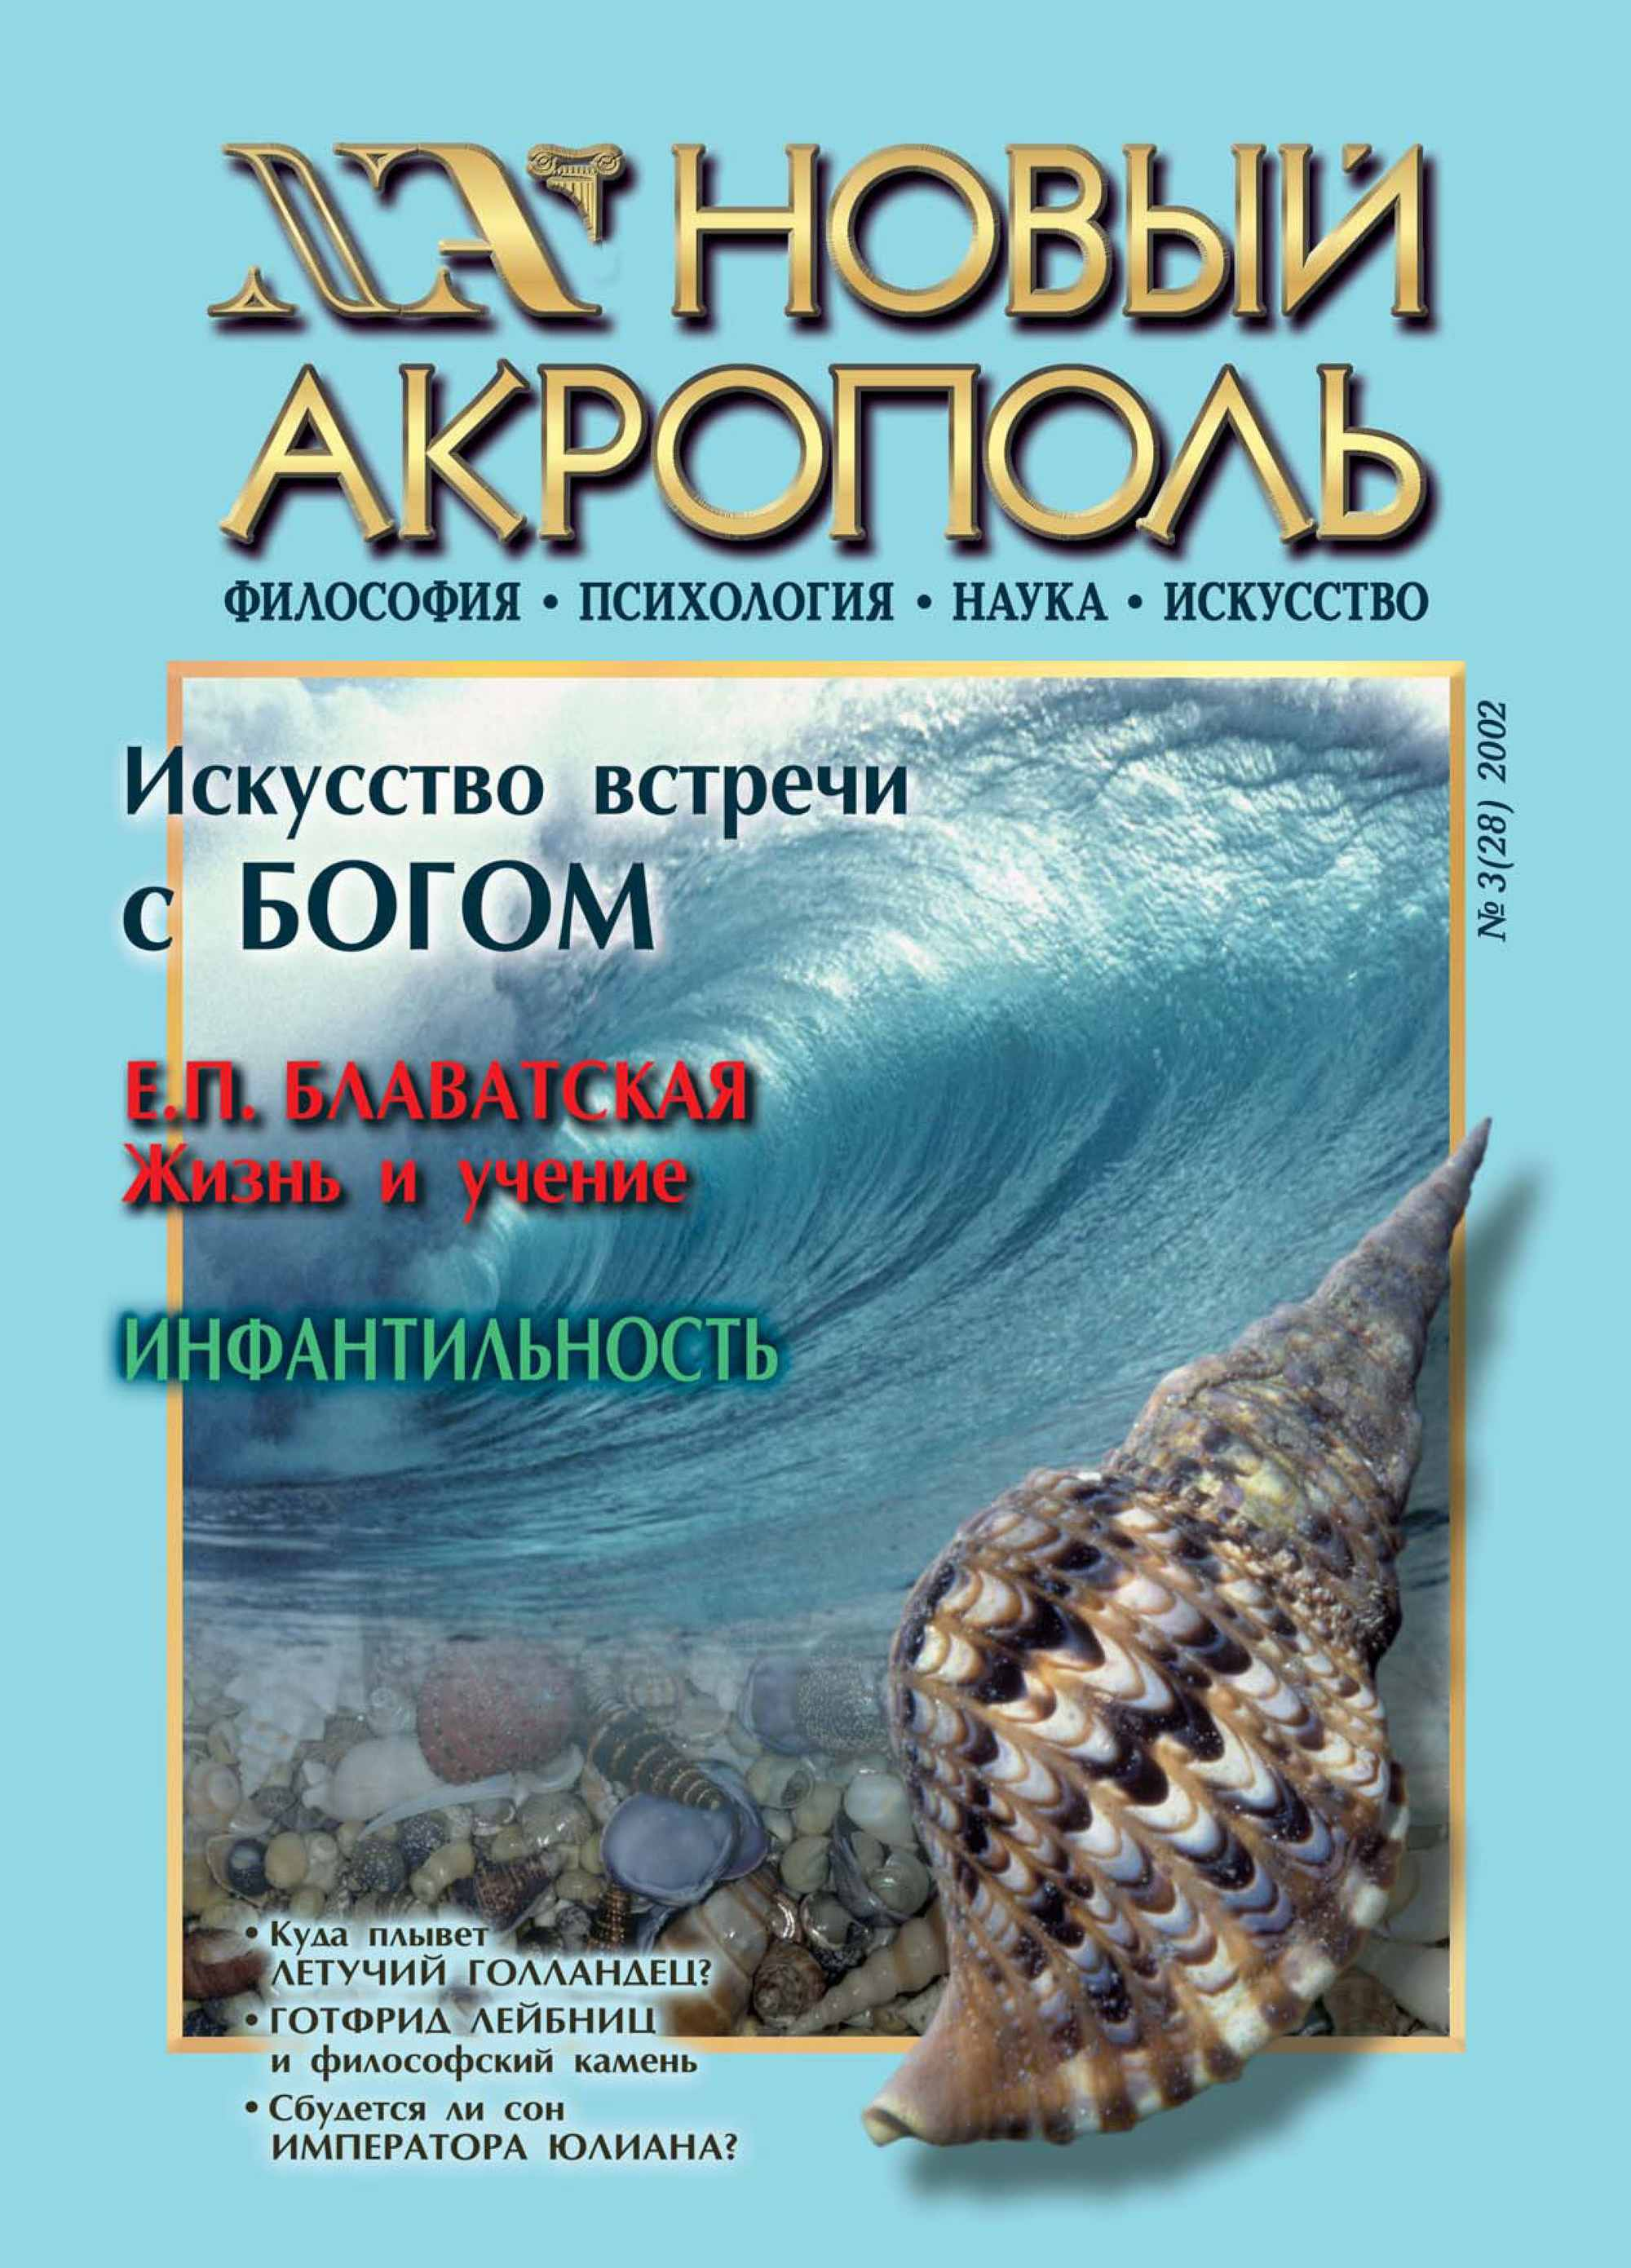 Отсутствует Новый Акрополь №03/2002 олдос хаксли о дивный новый мир